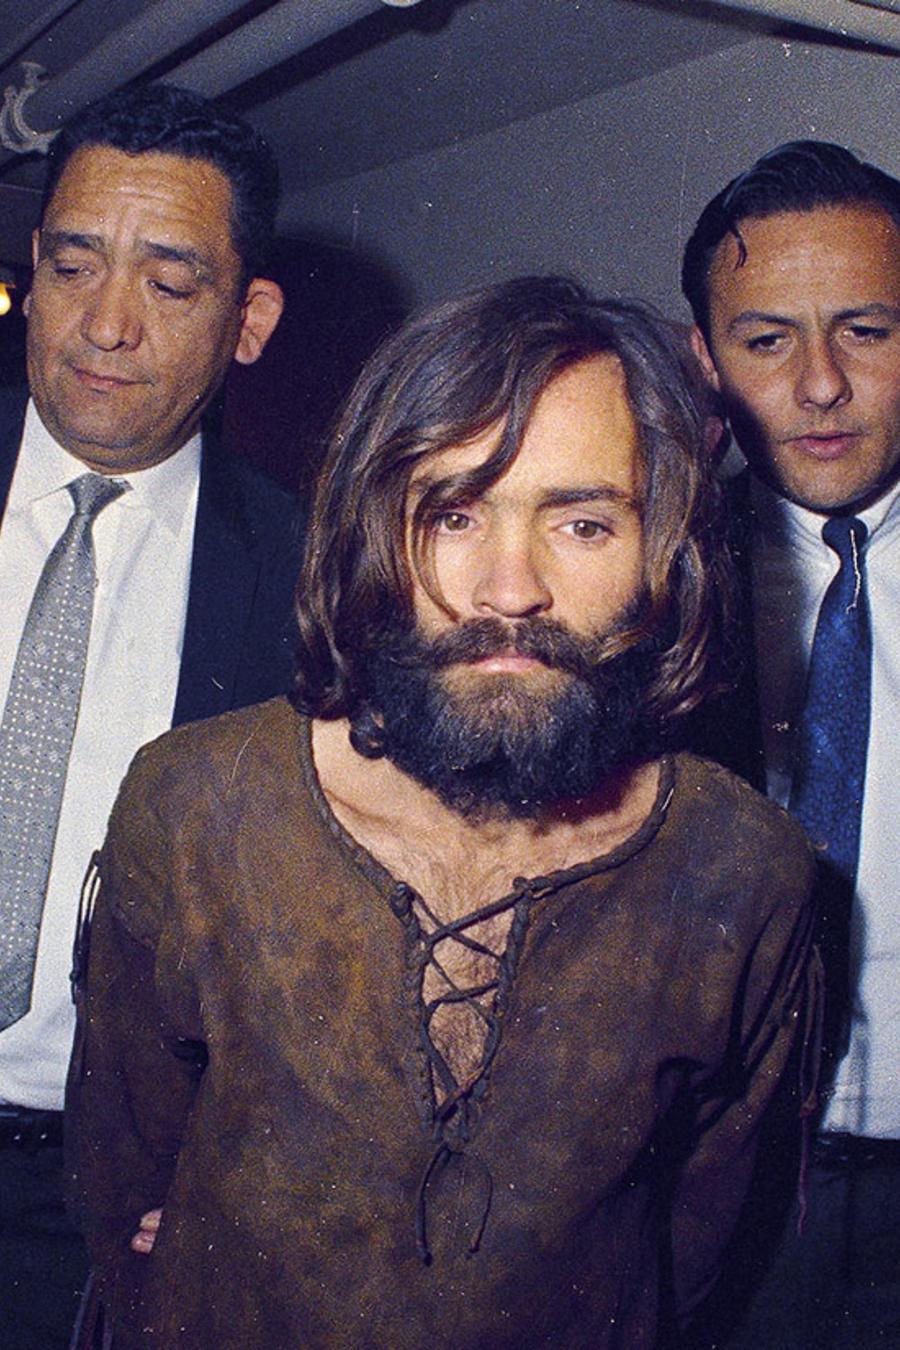 Charles Manson es escoltado tras ser acusado de cargos de conspiración y asesinato en relación con el asesinato de Sharon Tate, en 1969.